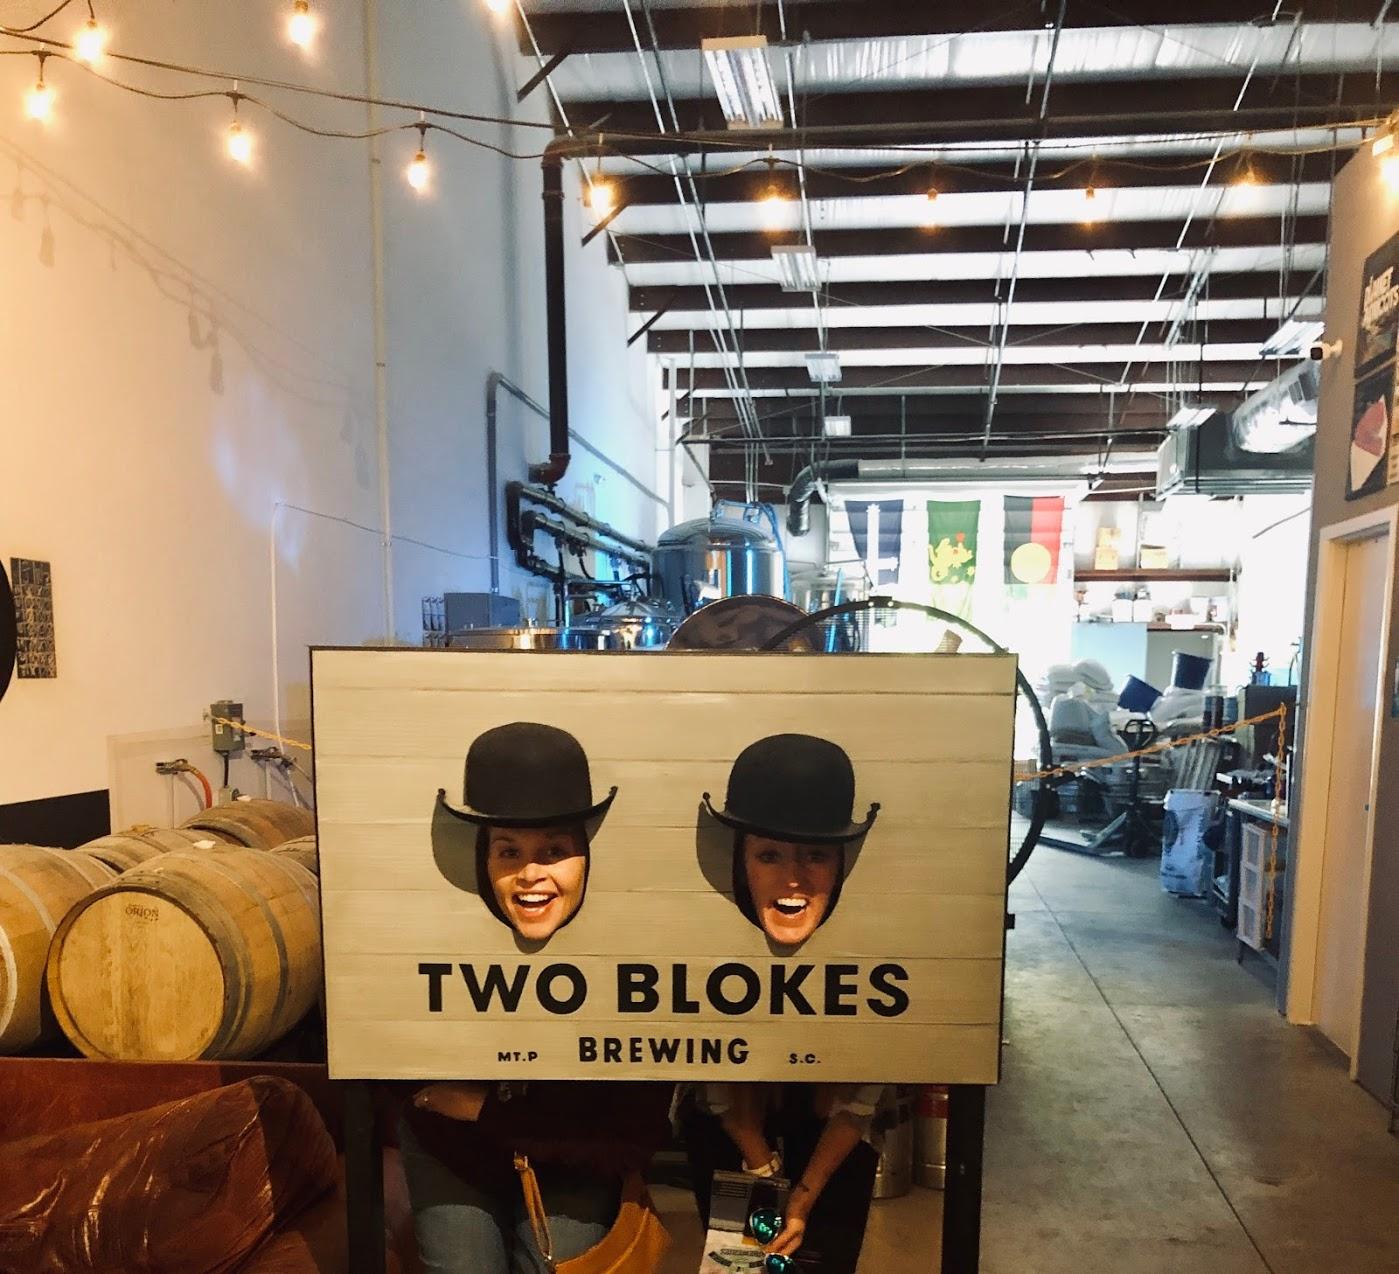 TwoBlokesBrewing.jpg